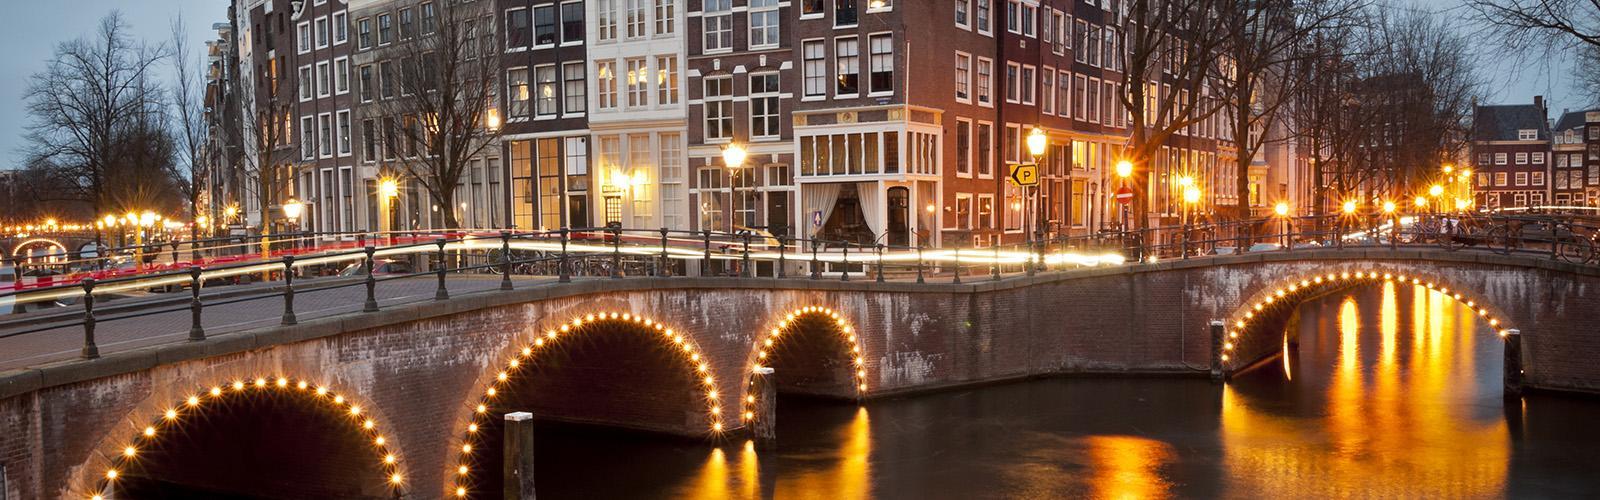 Trova week end convenienti a Amsterdam I Skyscanner